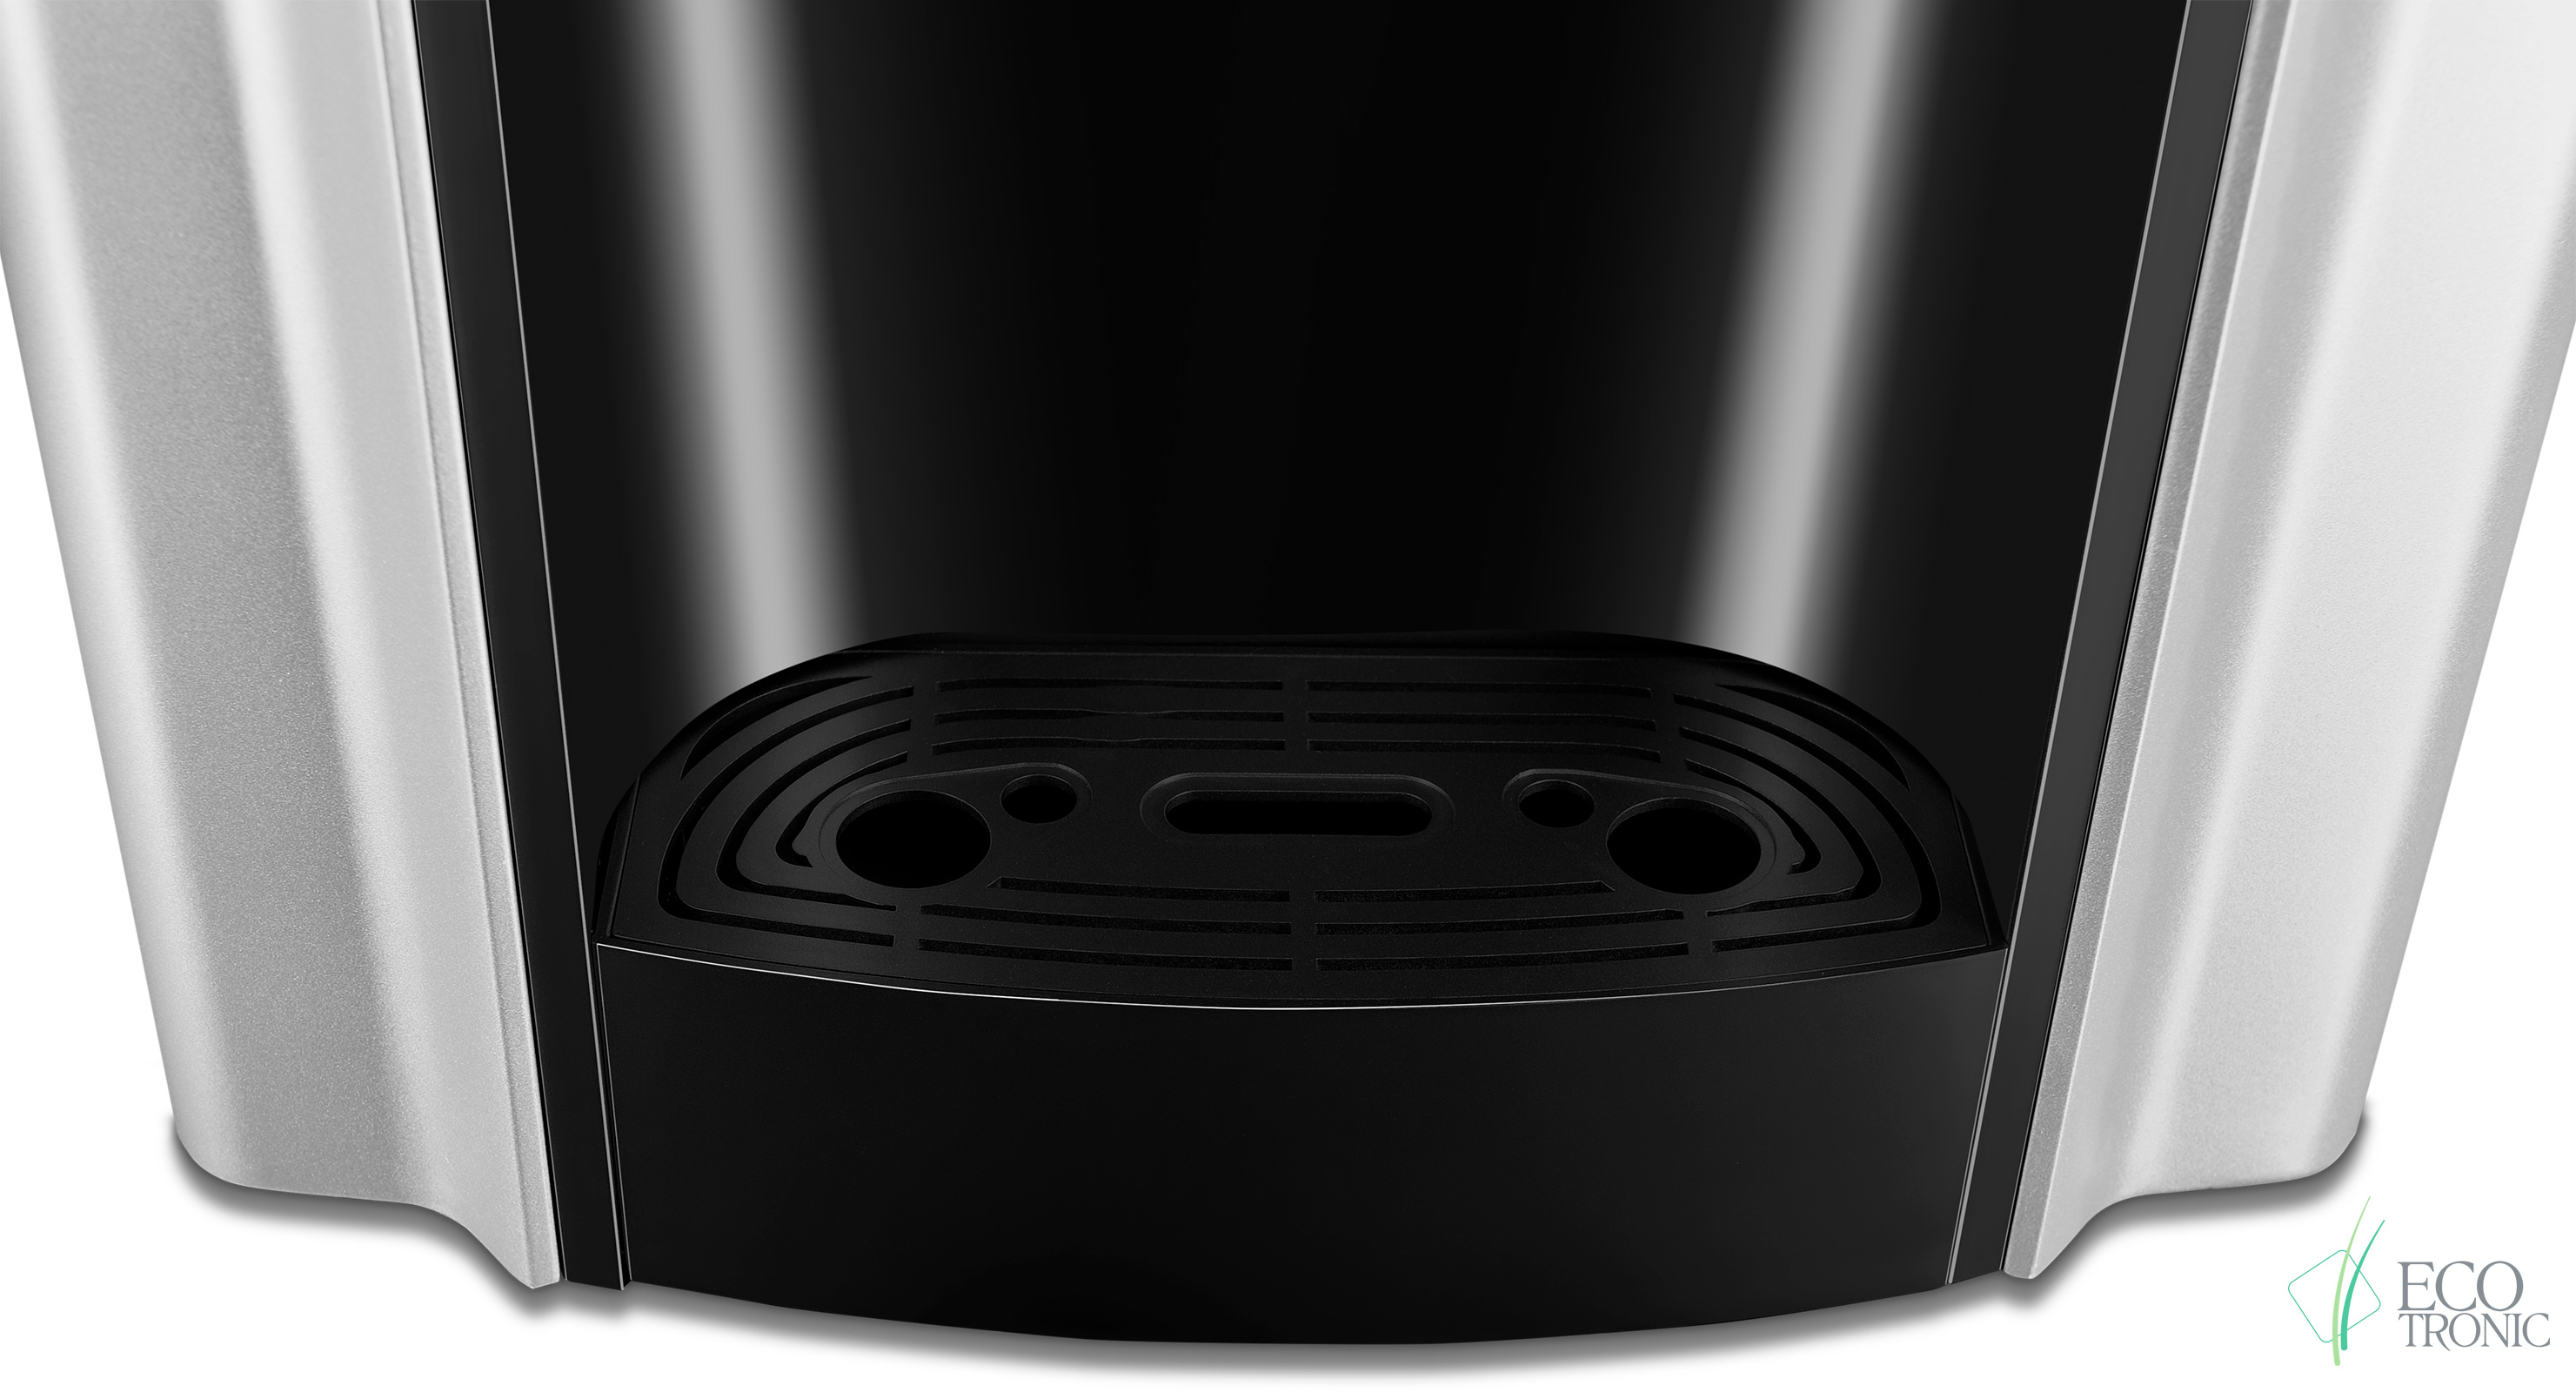 Кулер Ecotronic C2-TPM black